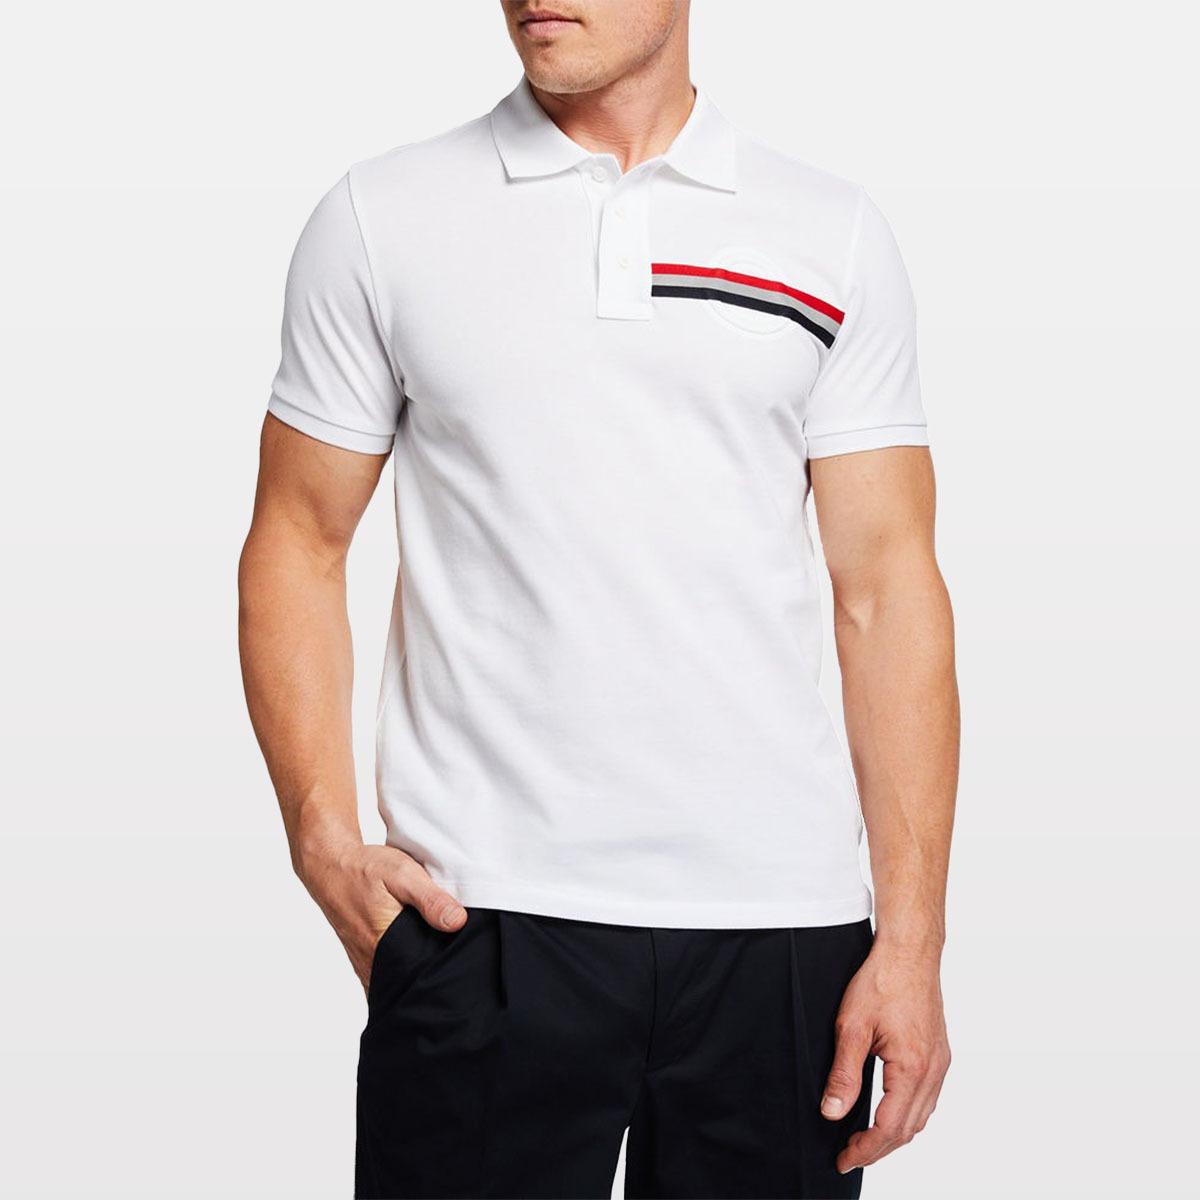 Moncler Men's Polo Shirt w/ Stripe Detail